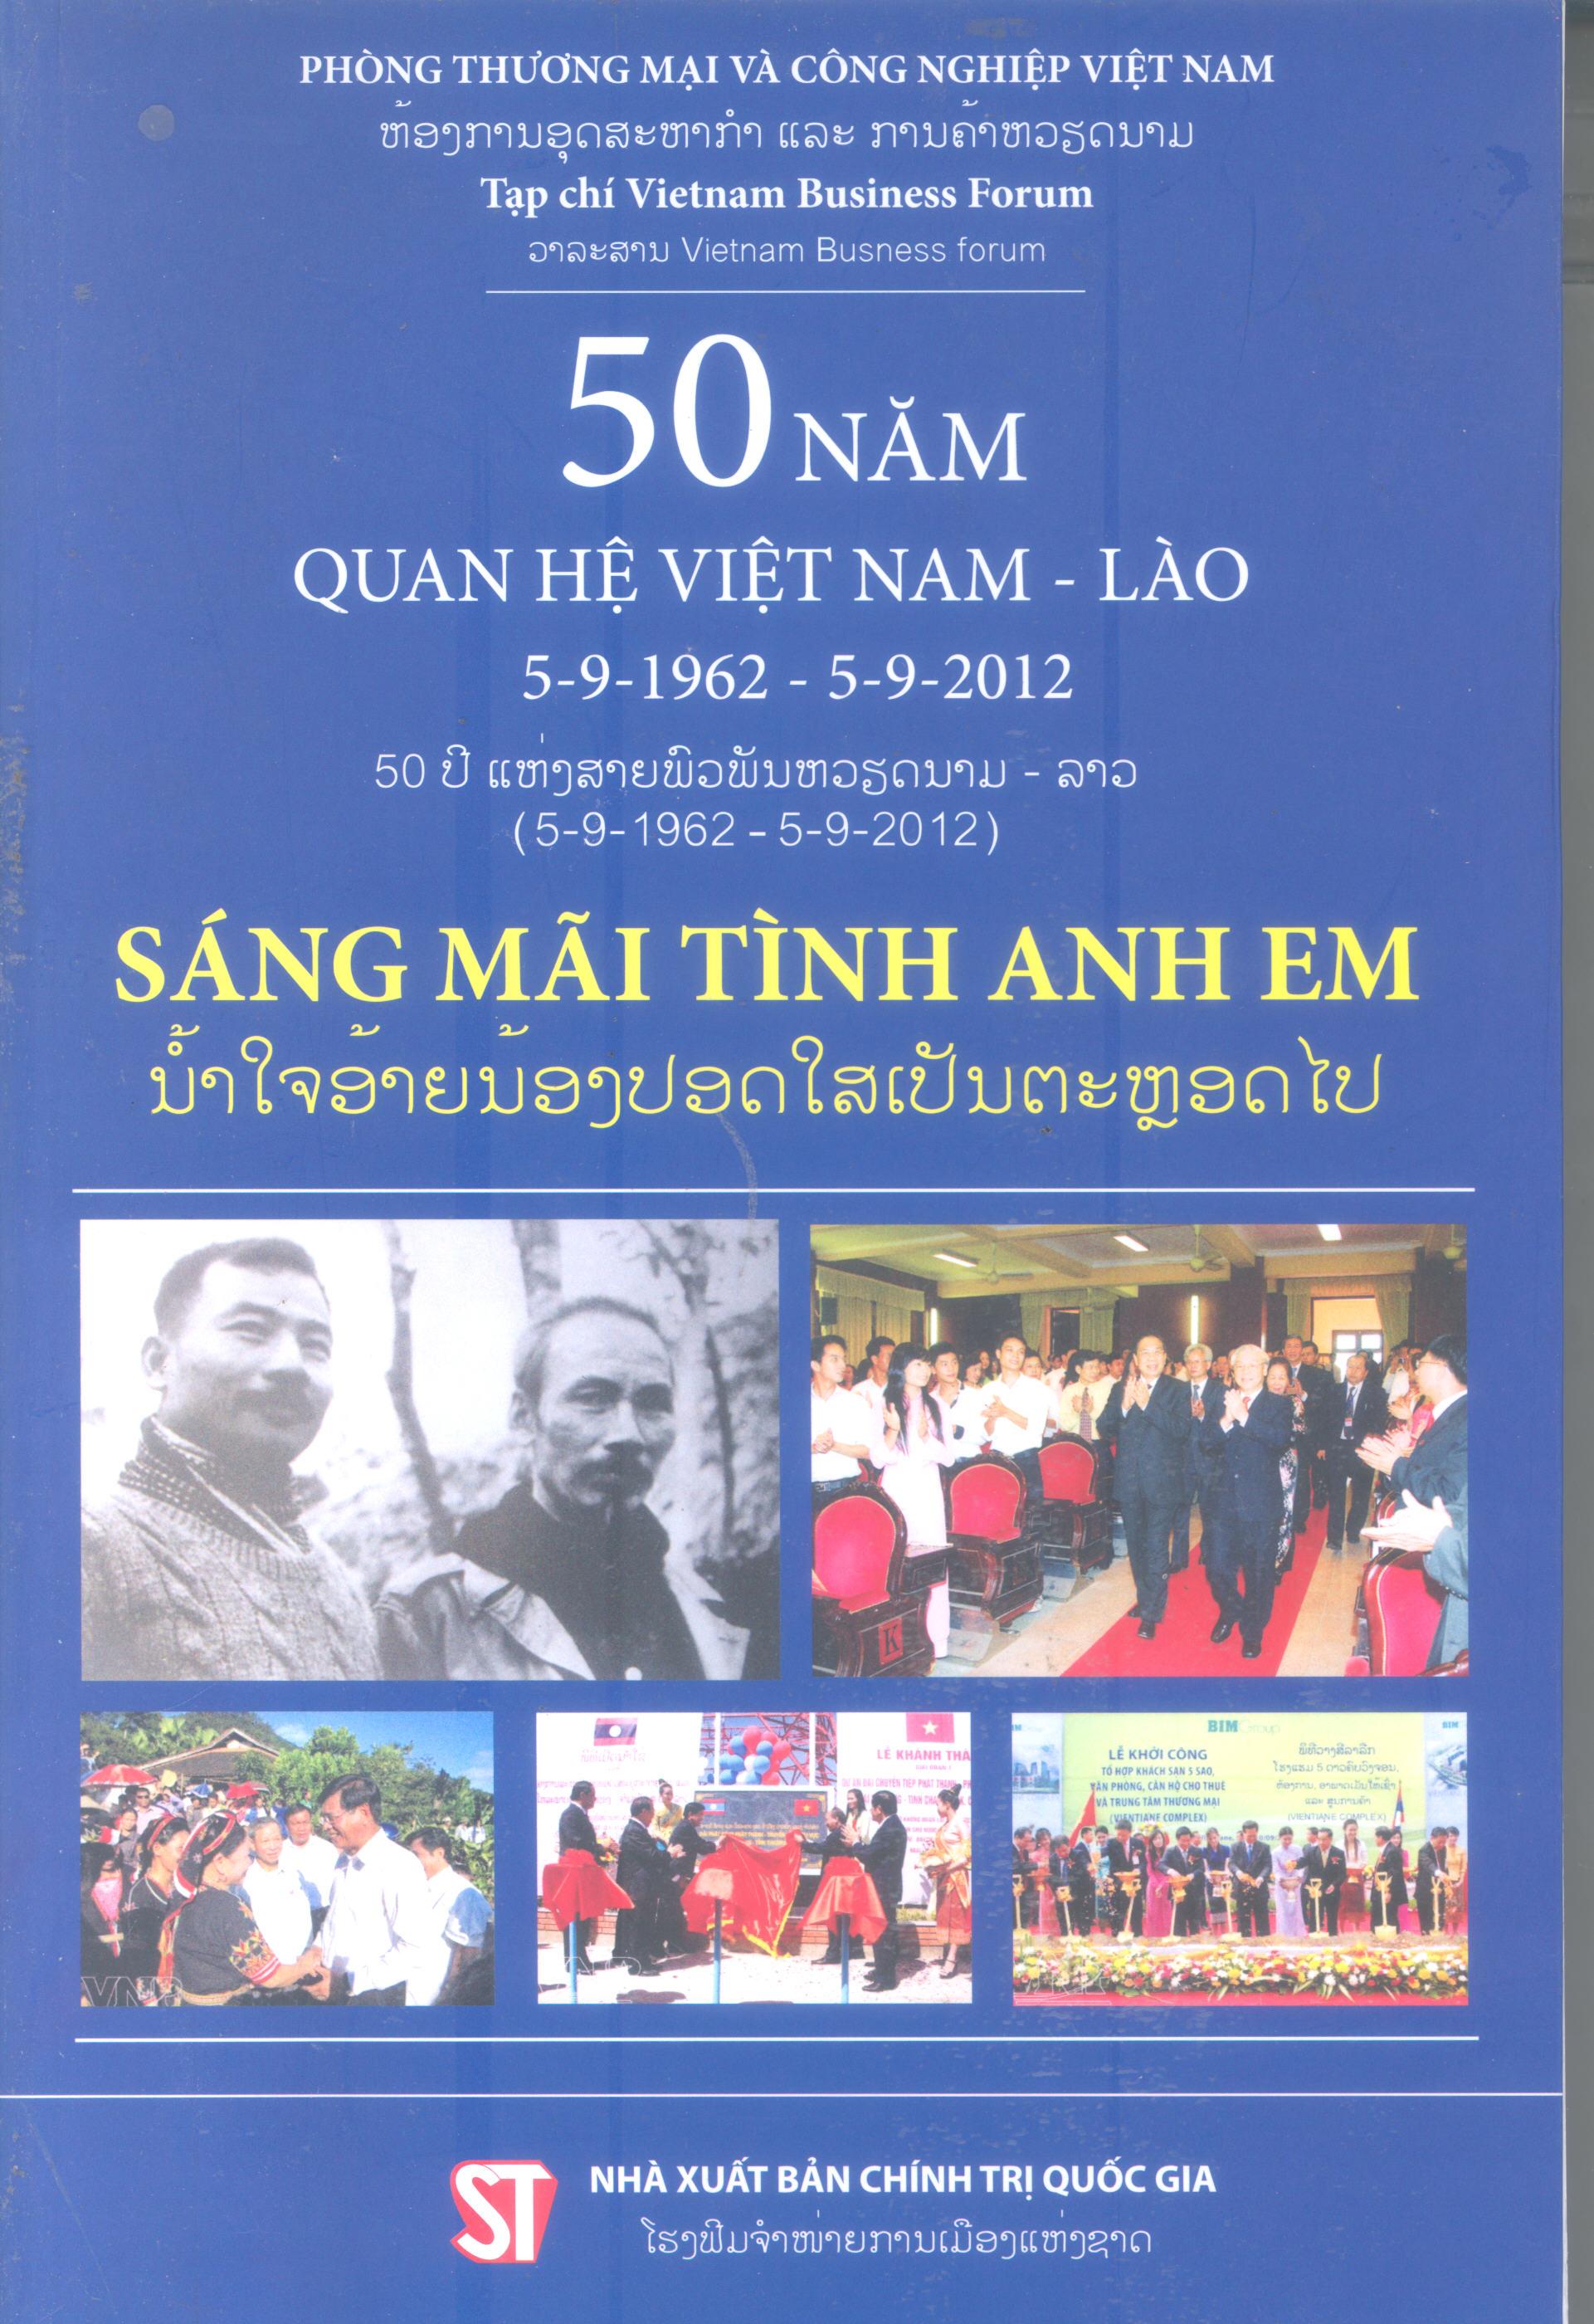 50 năm quan hệ Việt Nam – Lào (5-9-1962 – 5-9-2012): Sáng mãi tình anh em